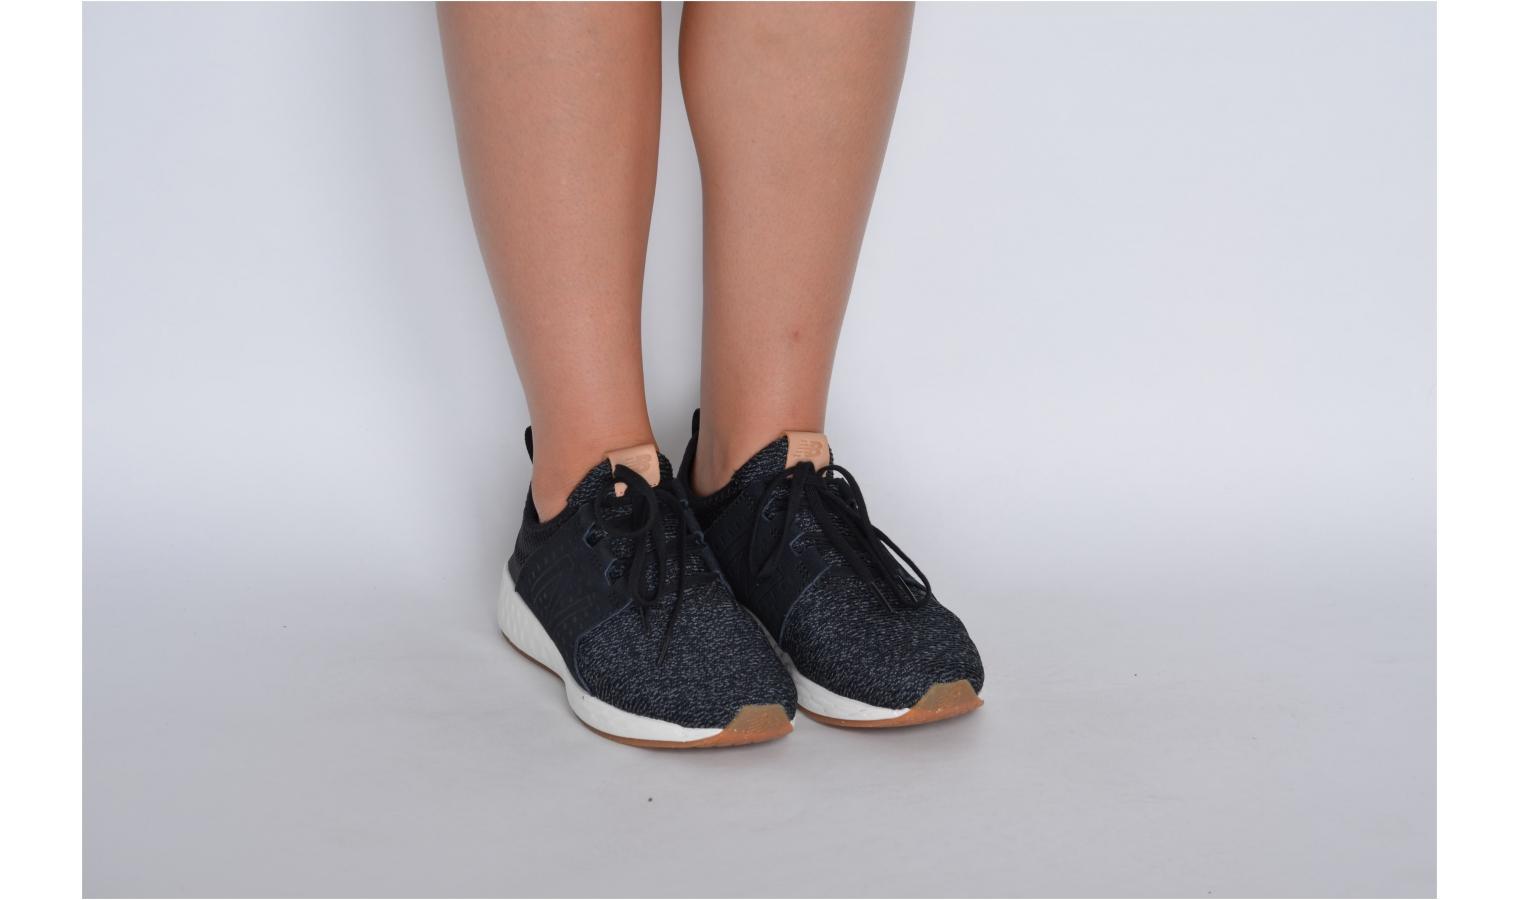 ... Dámske tenisky New Balance FRESH FOAM CRUZ WCRUZOB W čierne. Zľava 8021715582c